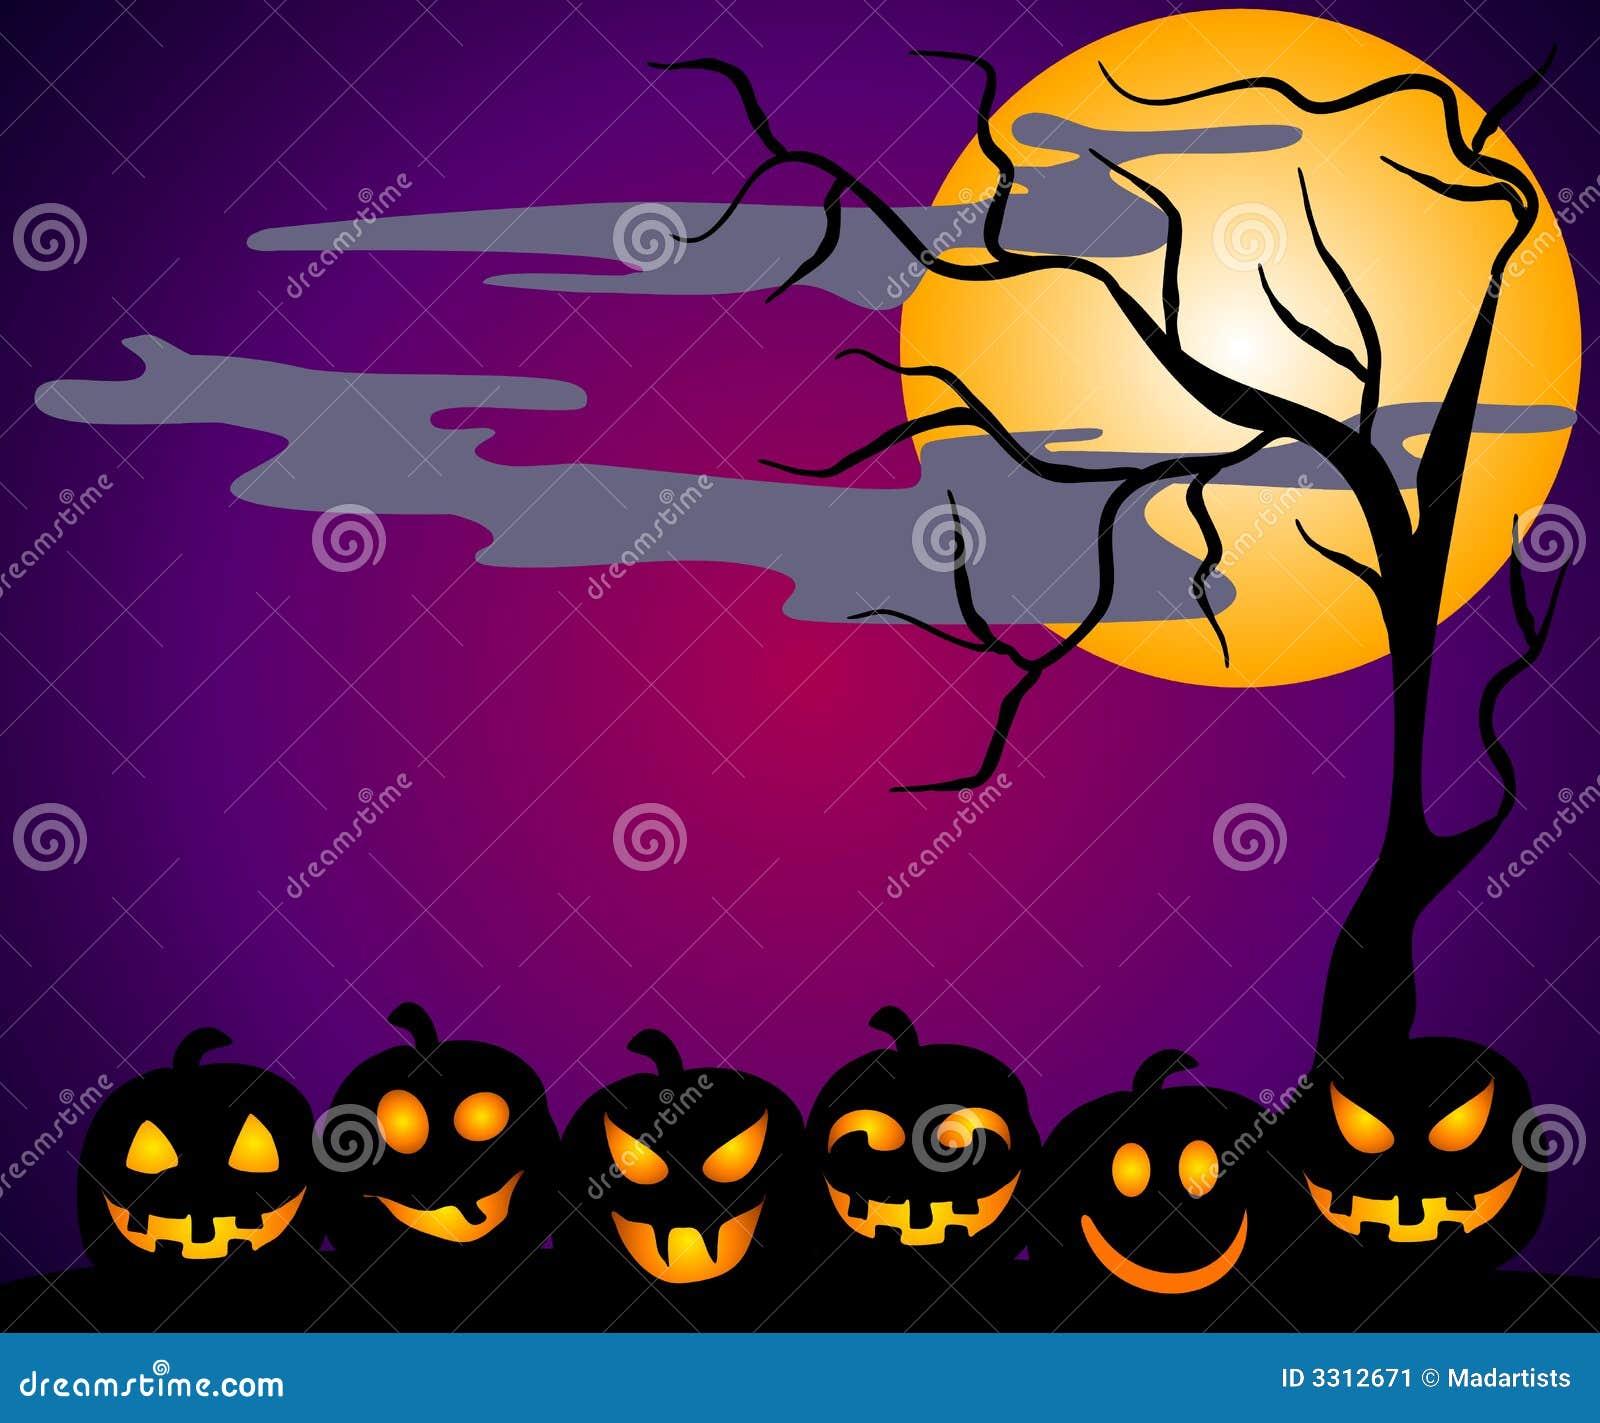 halloween scene clipart - photo #36